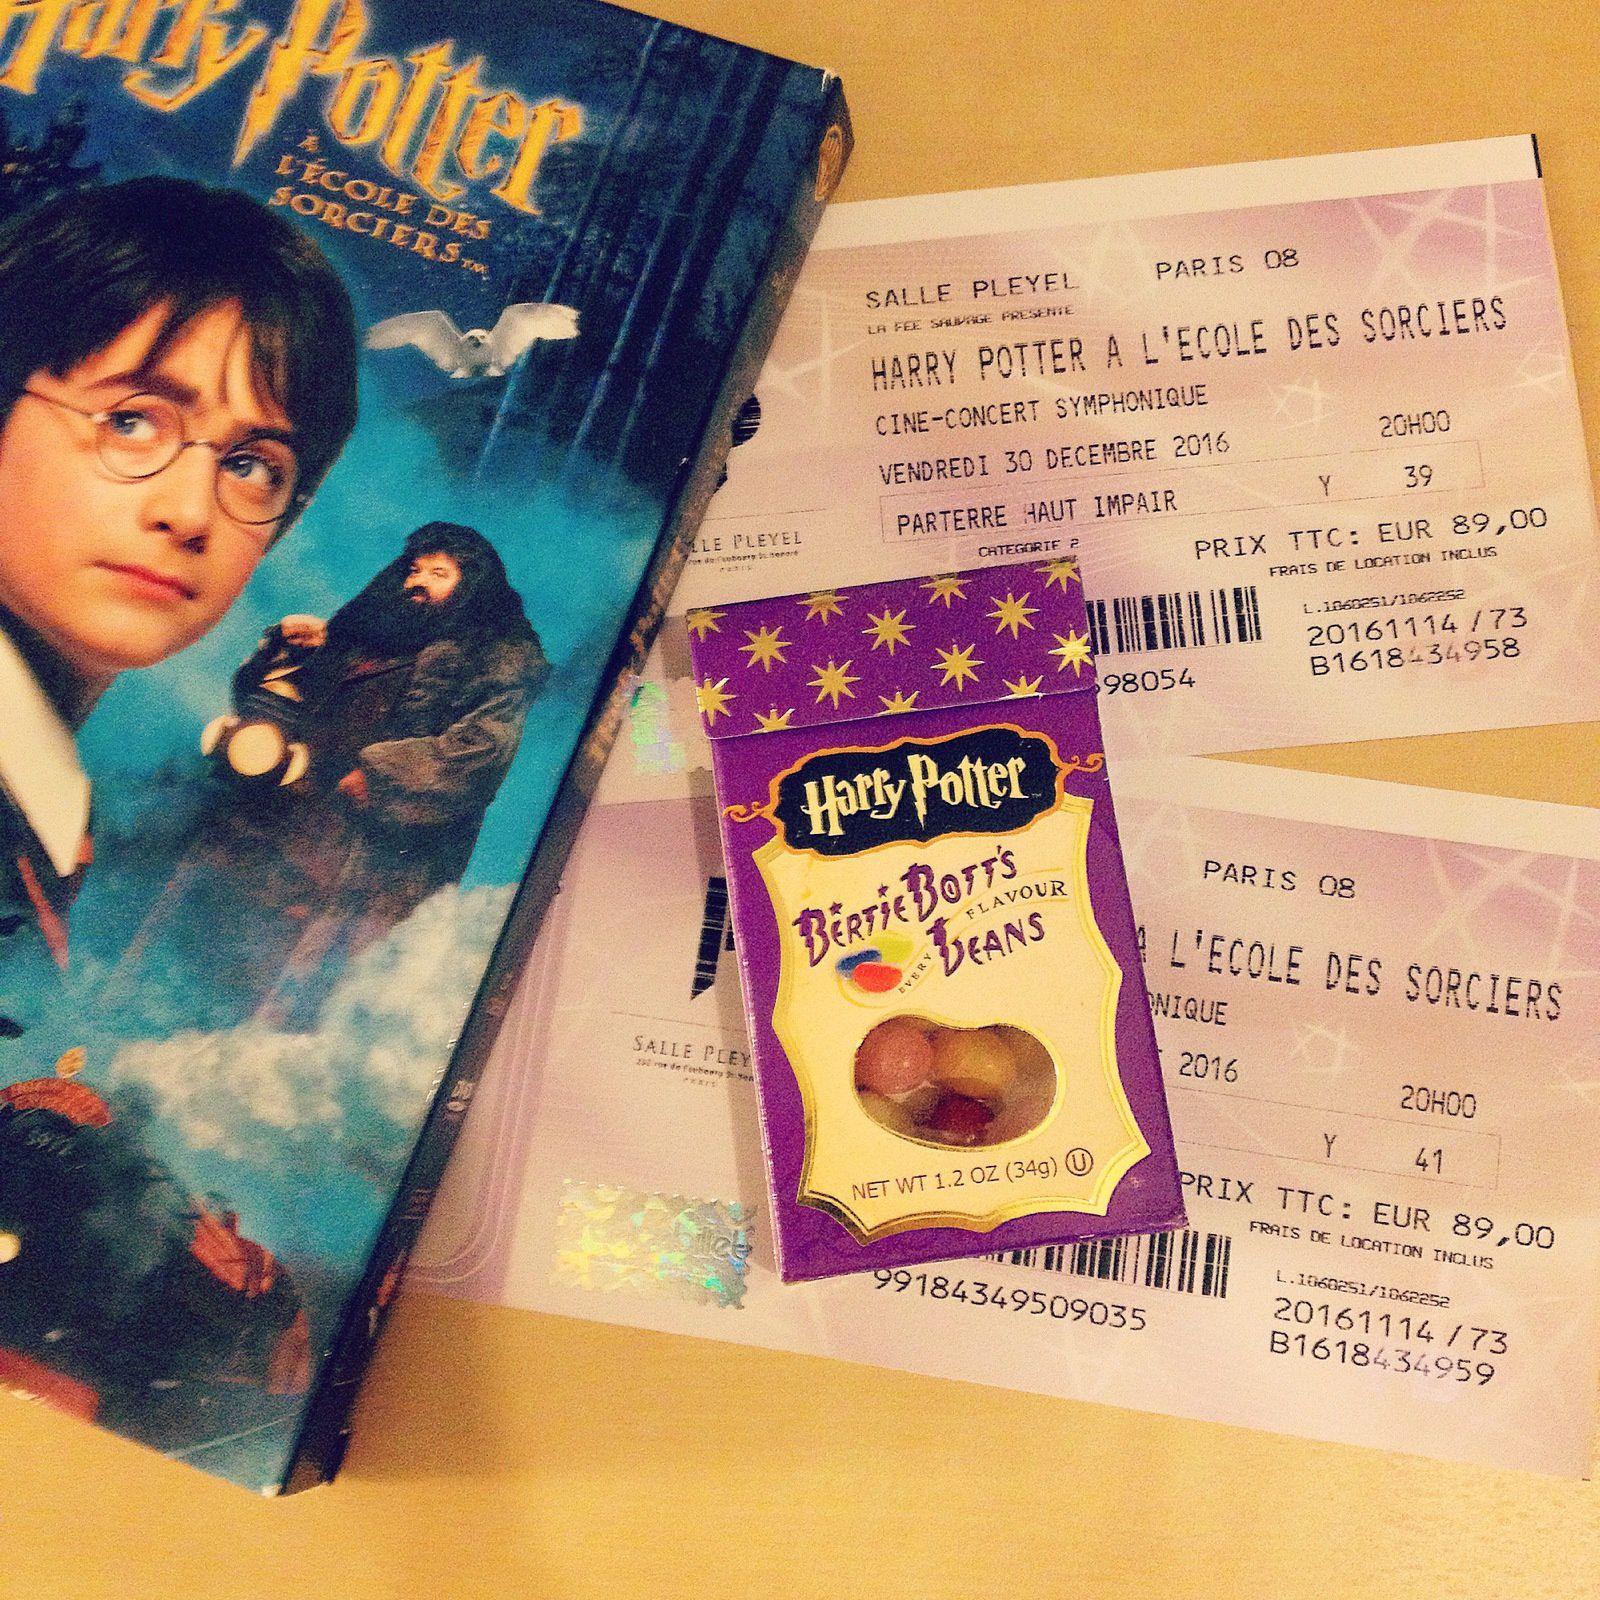 Harry Potter à l'école des sorciers en ciné-concert